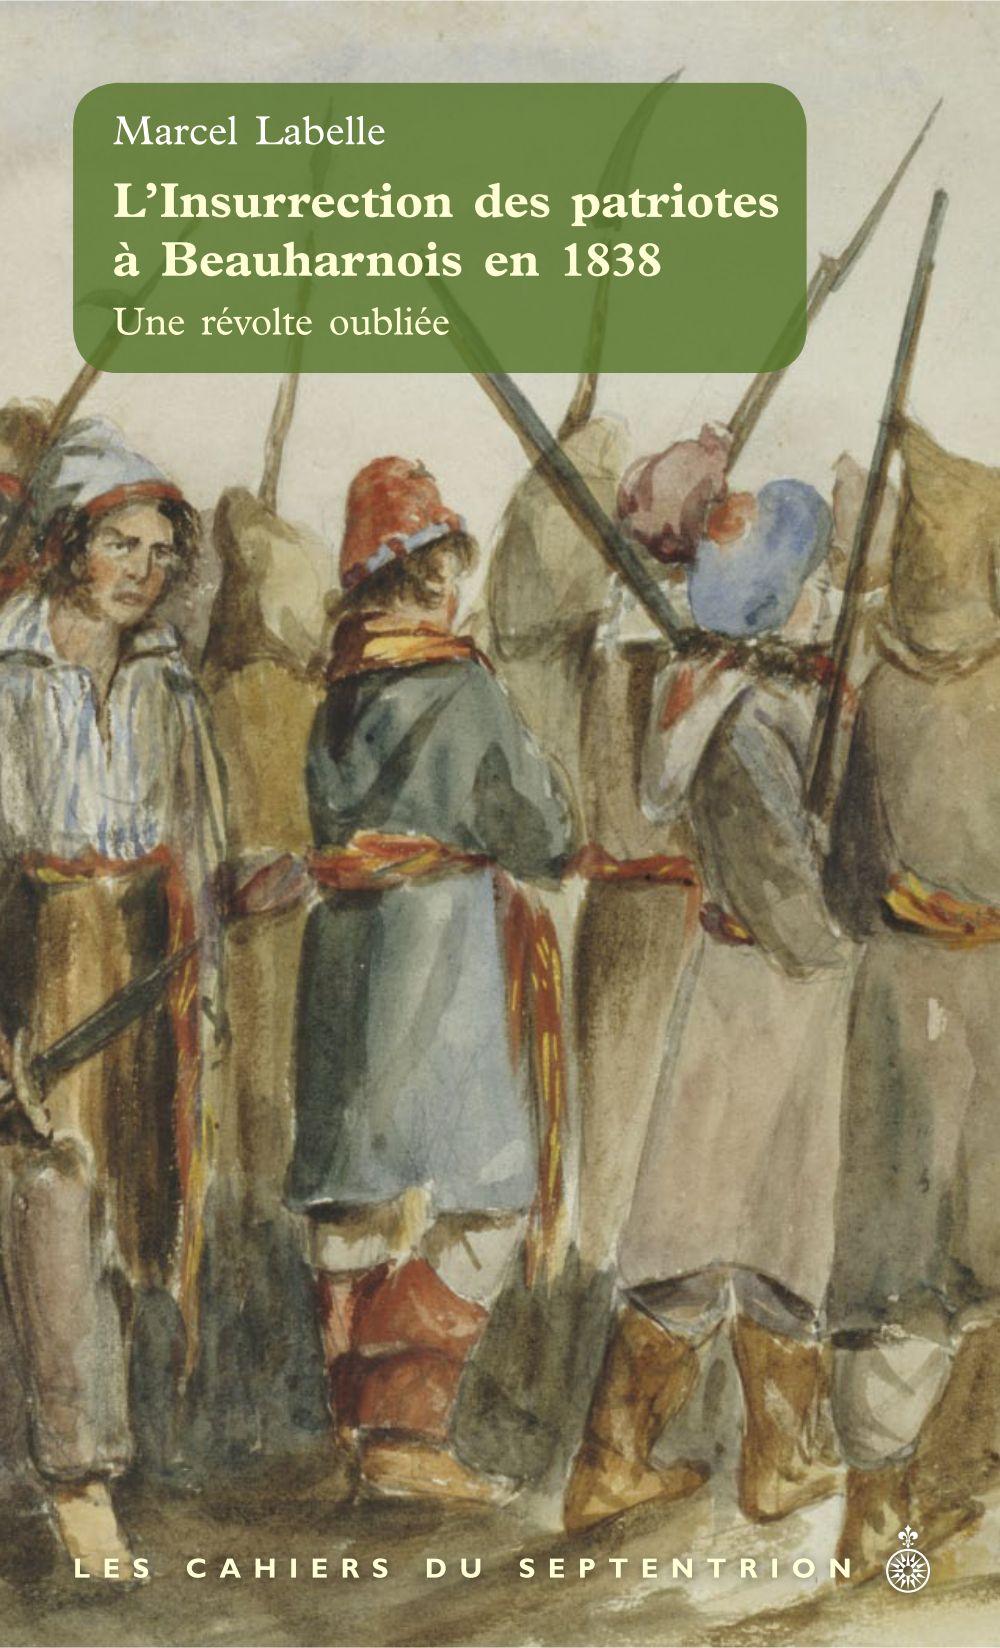 L'Insurrection des patriotes à Beauharnois en 1838